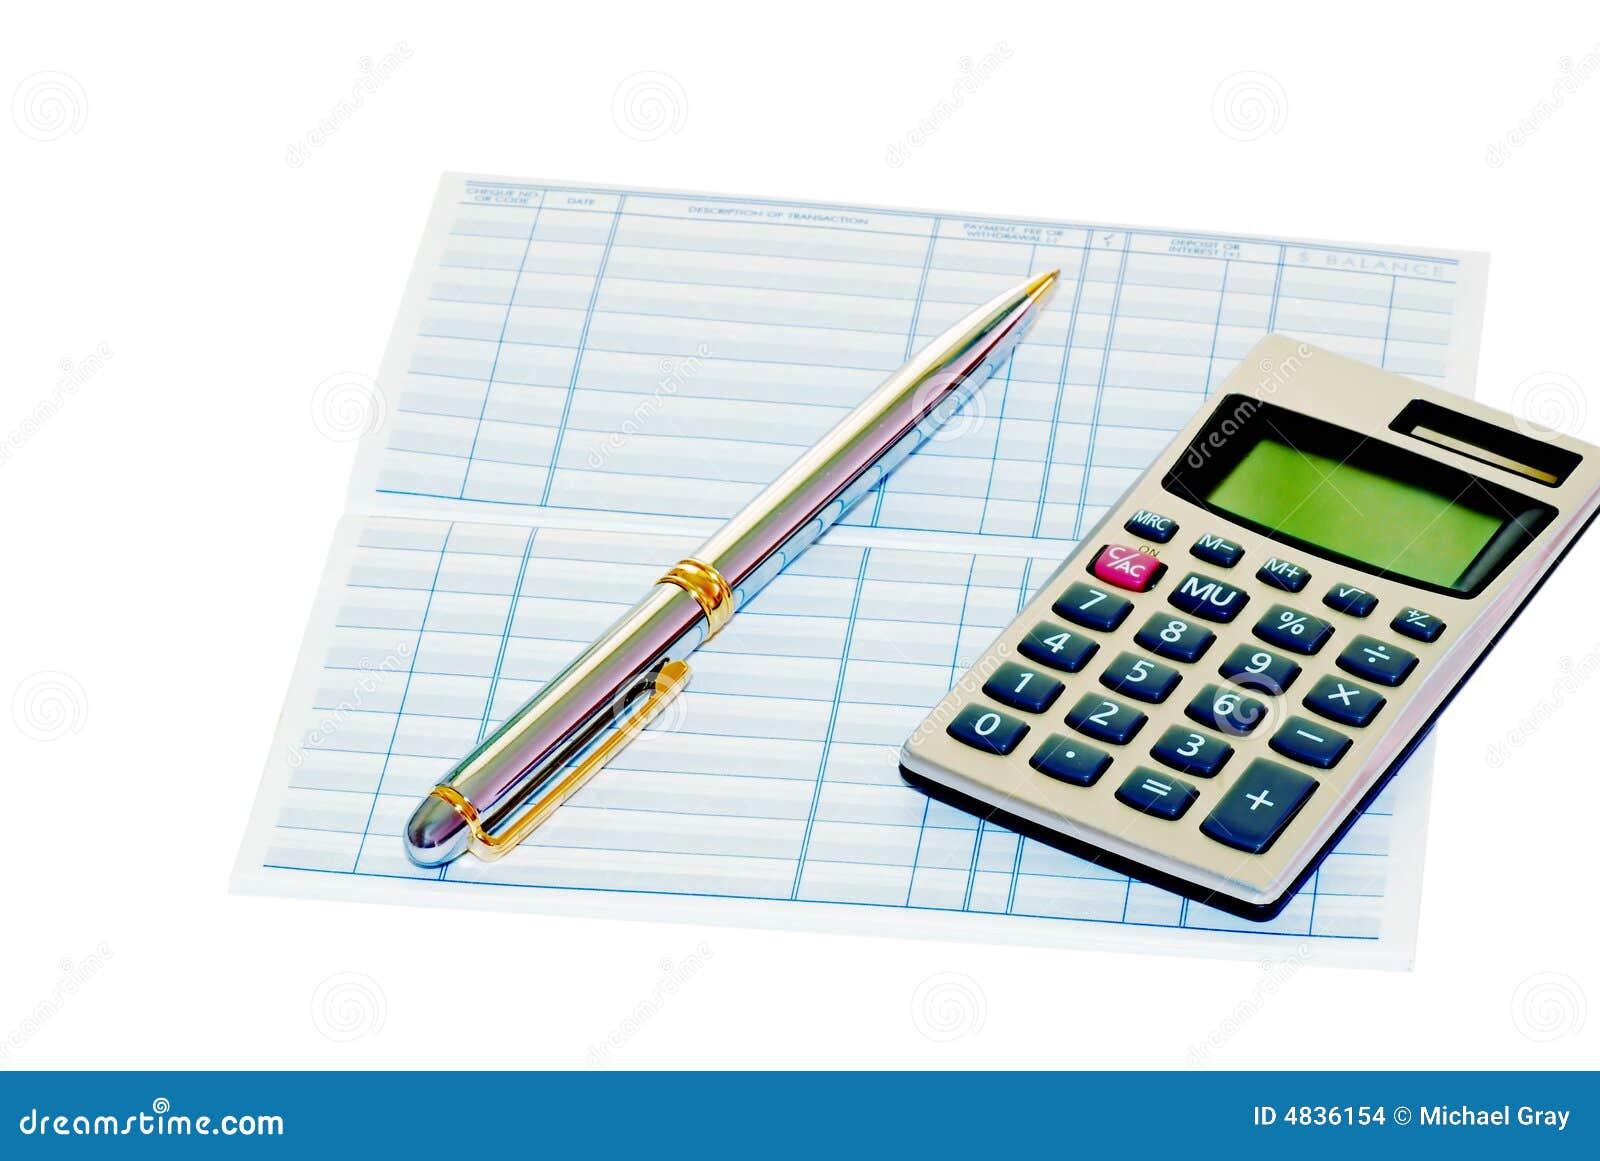 dream card calculator